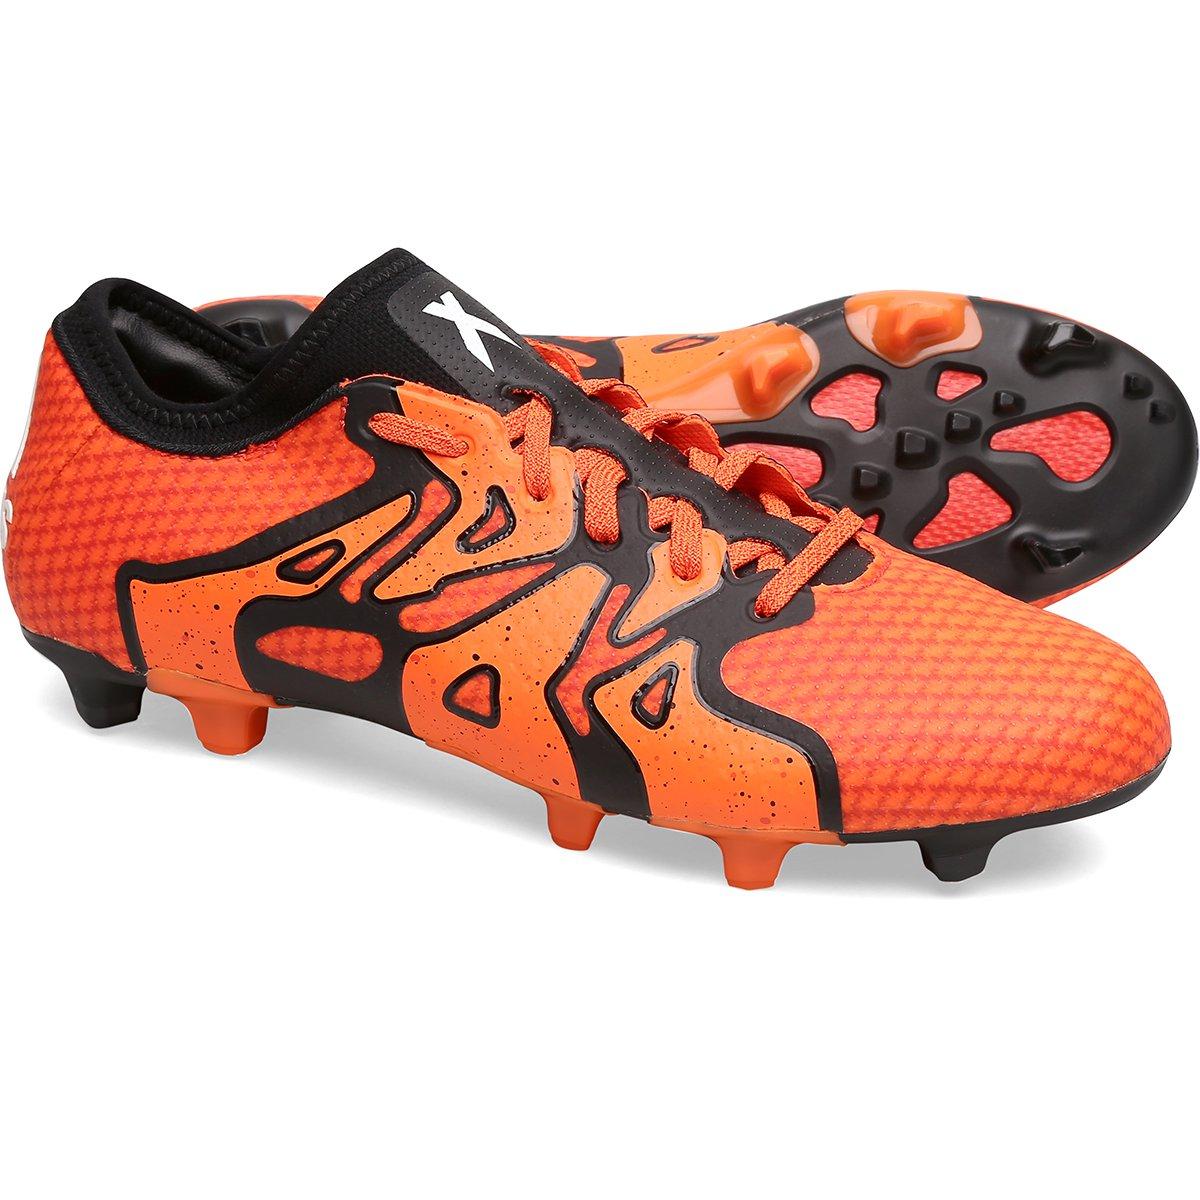 Chuteira Adidas X 15.1 Primeknit FG Campo - Compre Agora  5506b68e6aab3